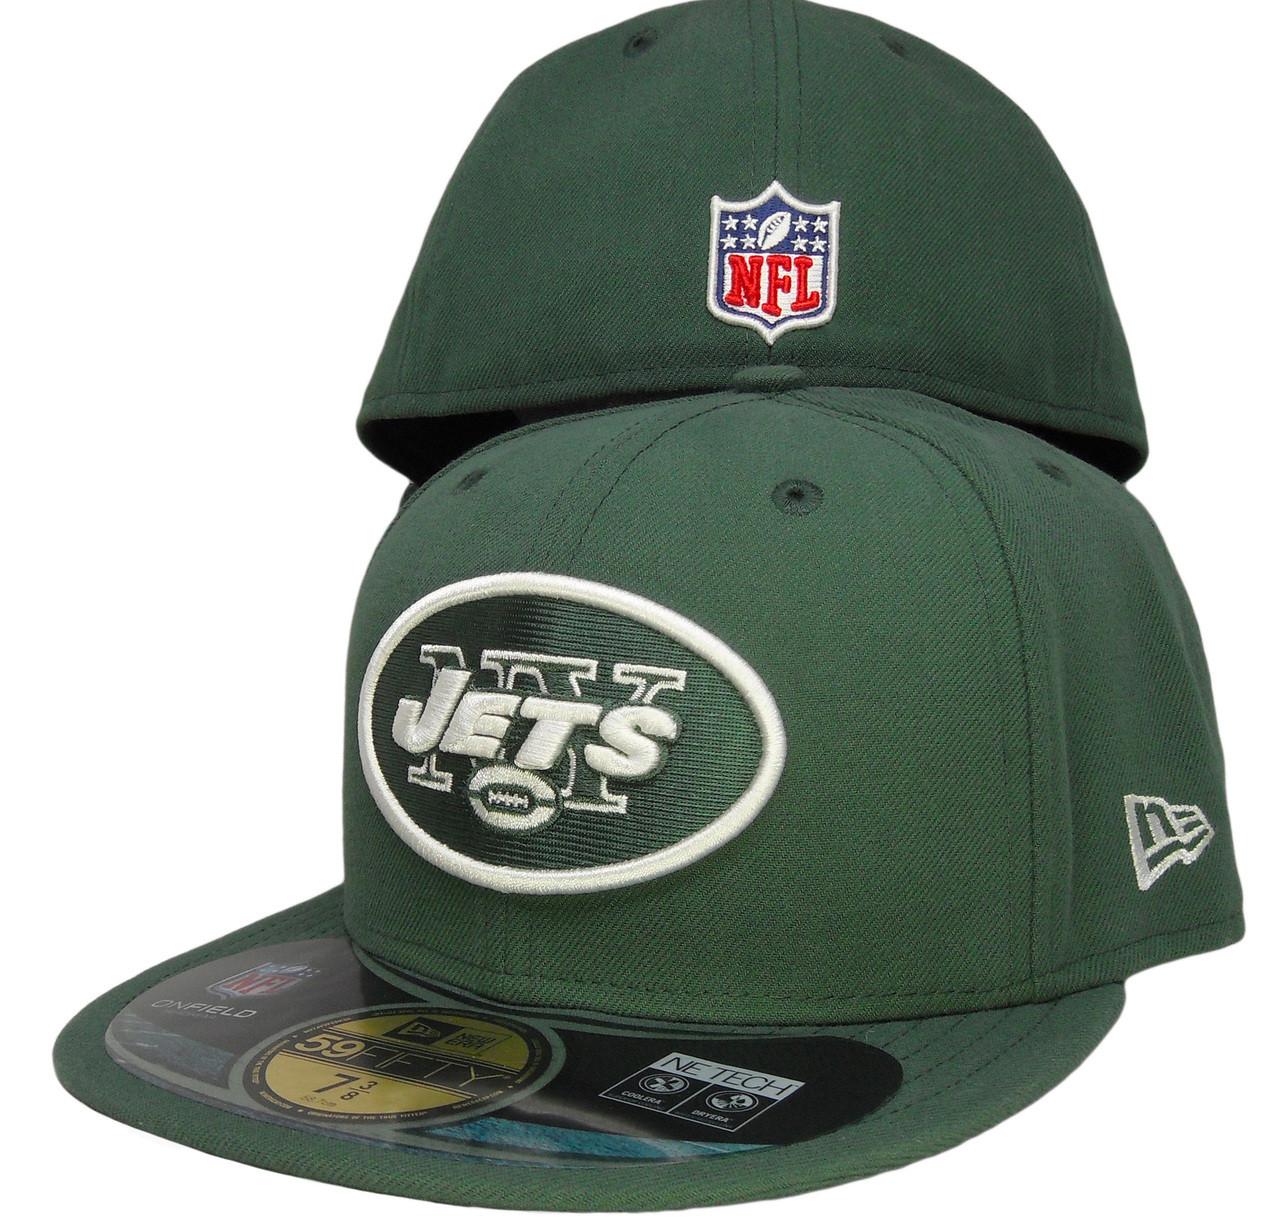 new york jets cap